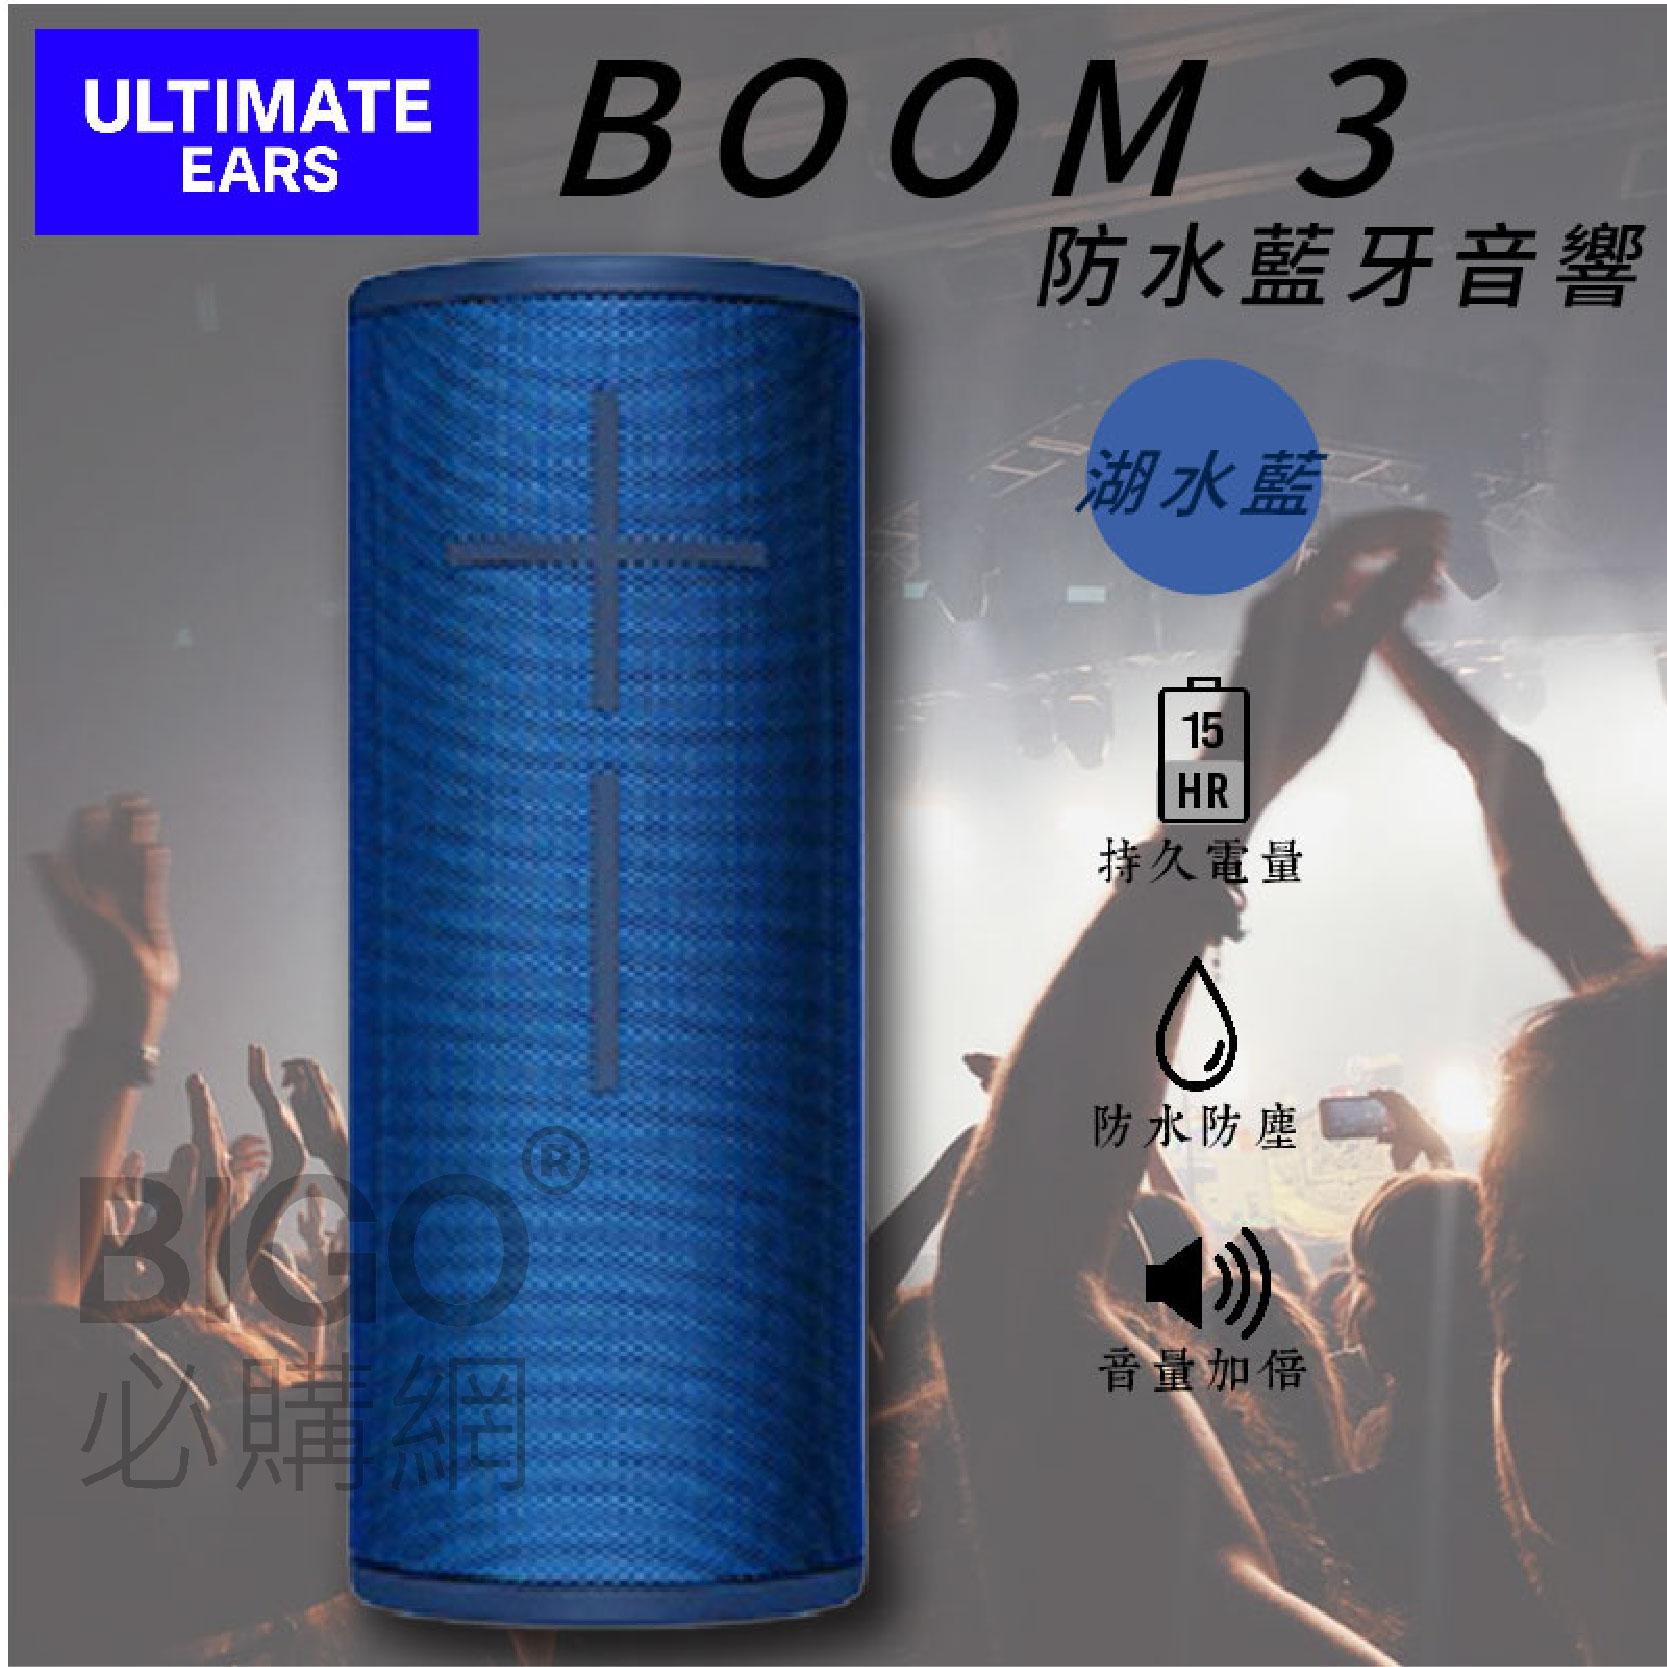 超大音量🔊美國UE  藍芽喇叭BOOM3 湖水藍  防水 防塵 可浮水  IP67 音量增強 操作簡易 攜帶輕便 無線